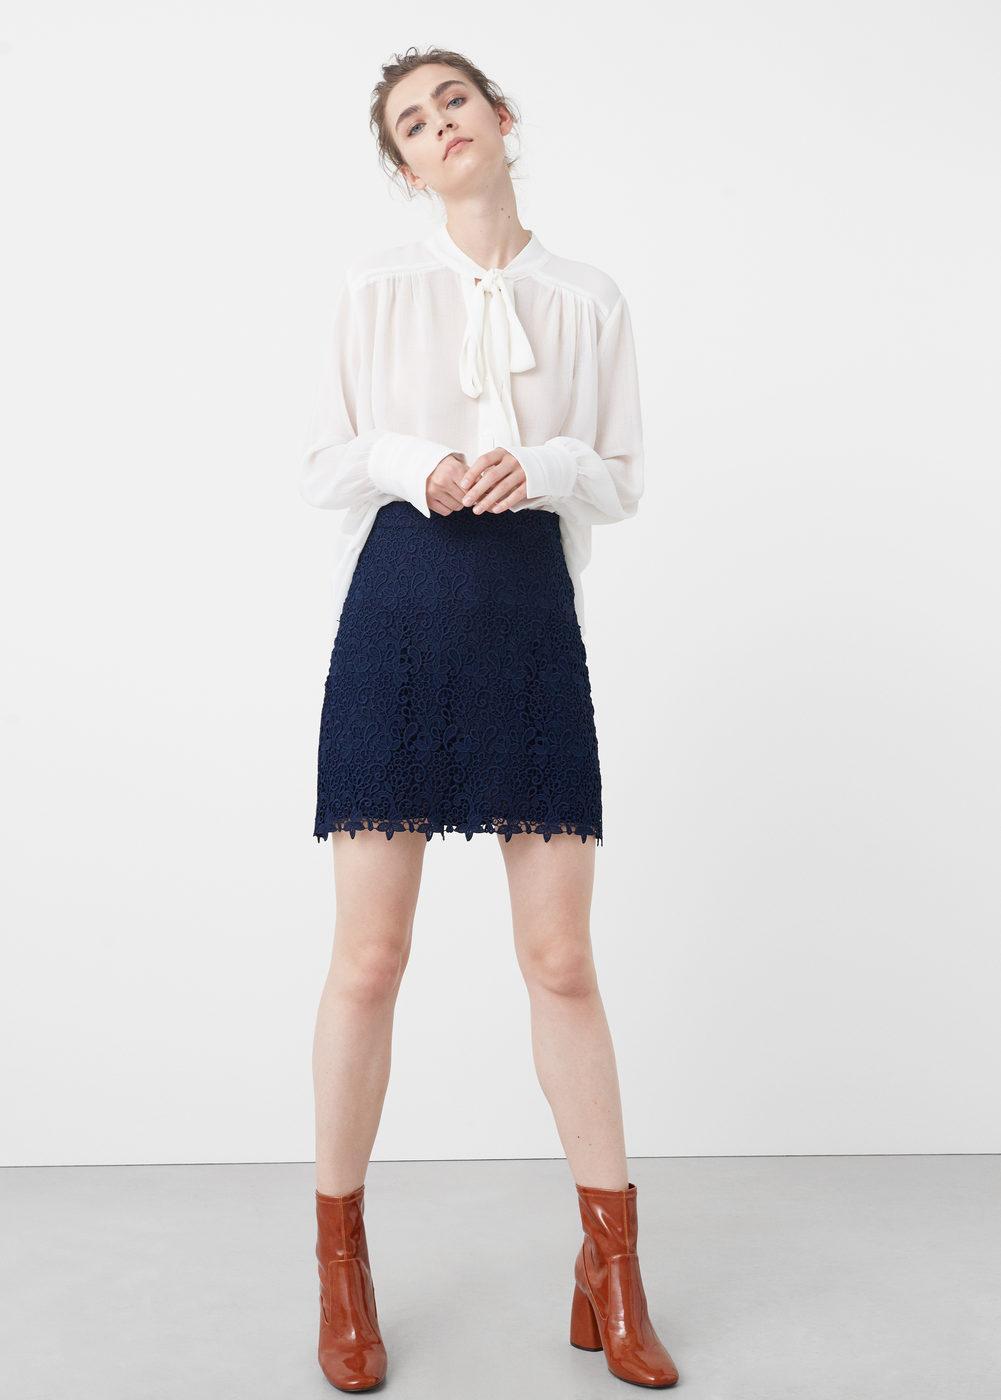 68e5915be3beed À chaque morpho sa jupe parfaite pour l'été - Madame Figaro